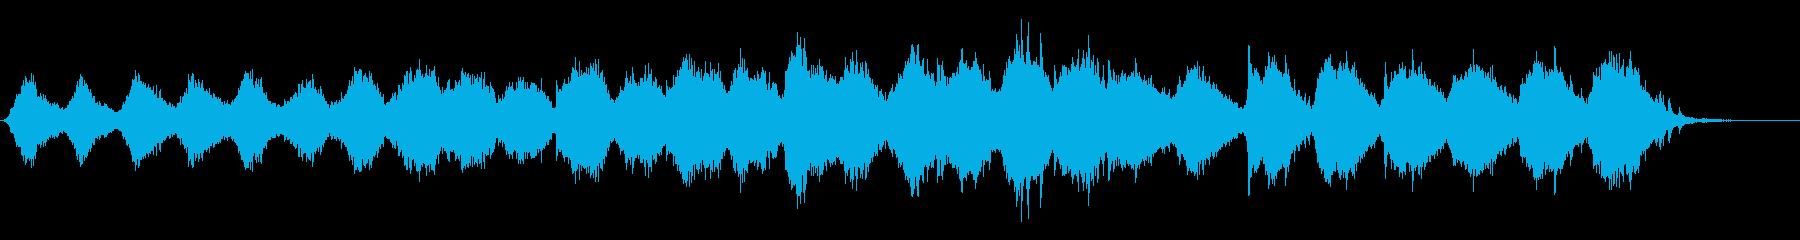 浮遊感のある映像的な美しいアンビエントの再生済みの波形